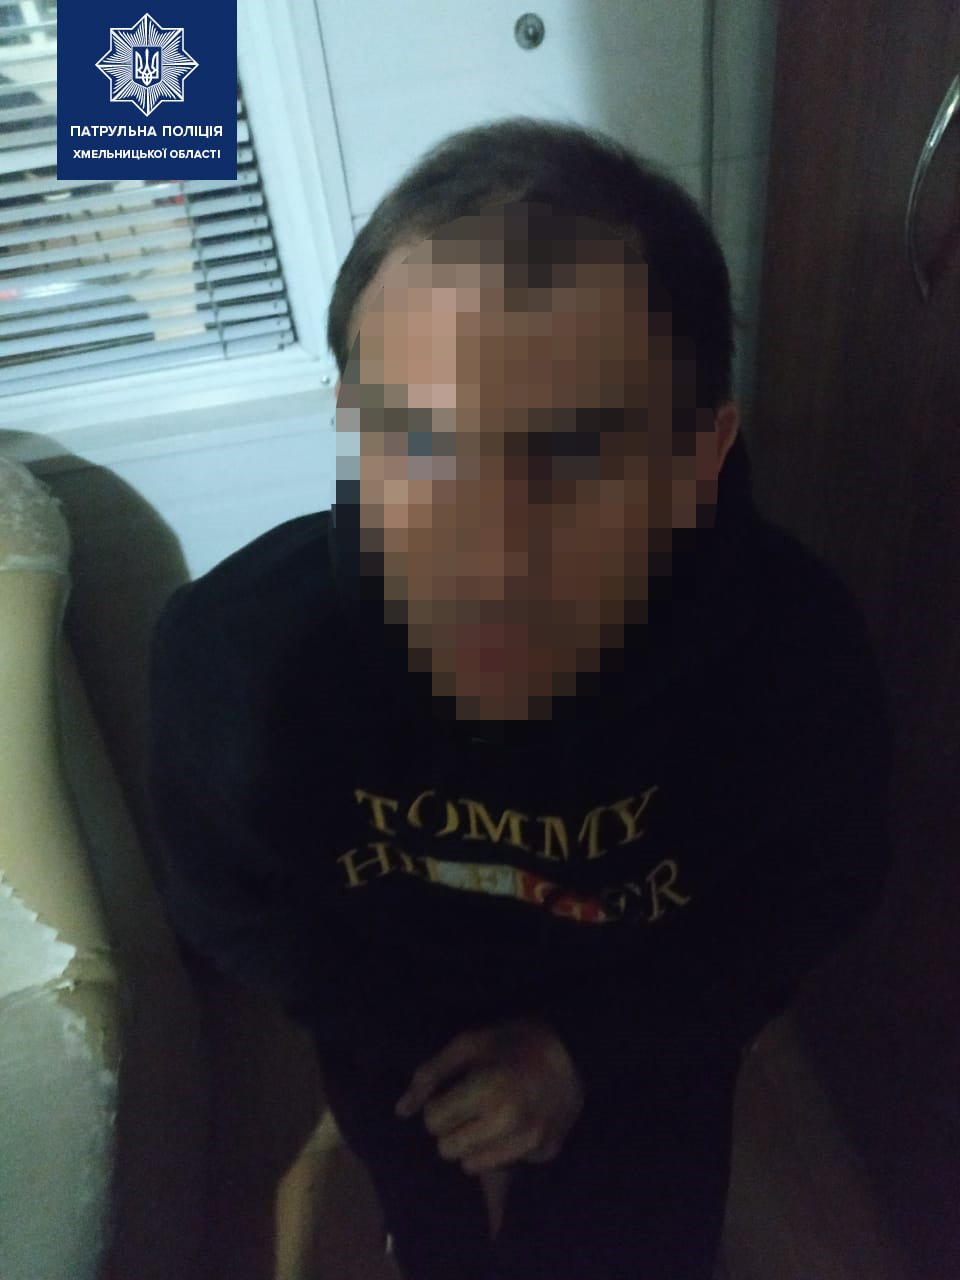 Кам'янецькі патрульні зупинили водія, який перебував у стані наркотичного сп'яніння, фото-3